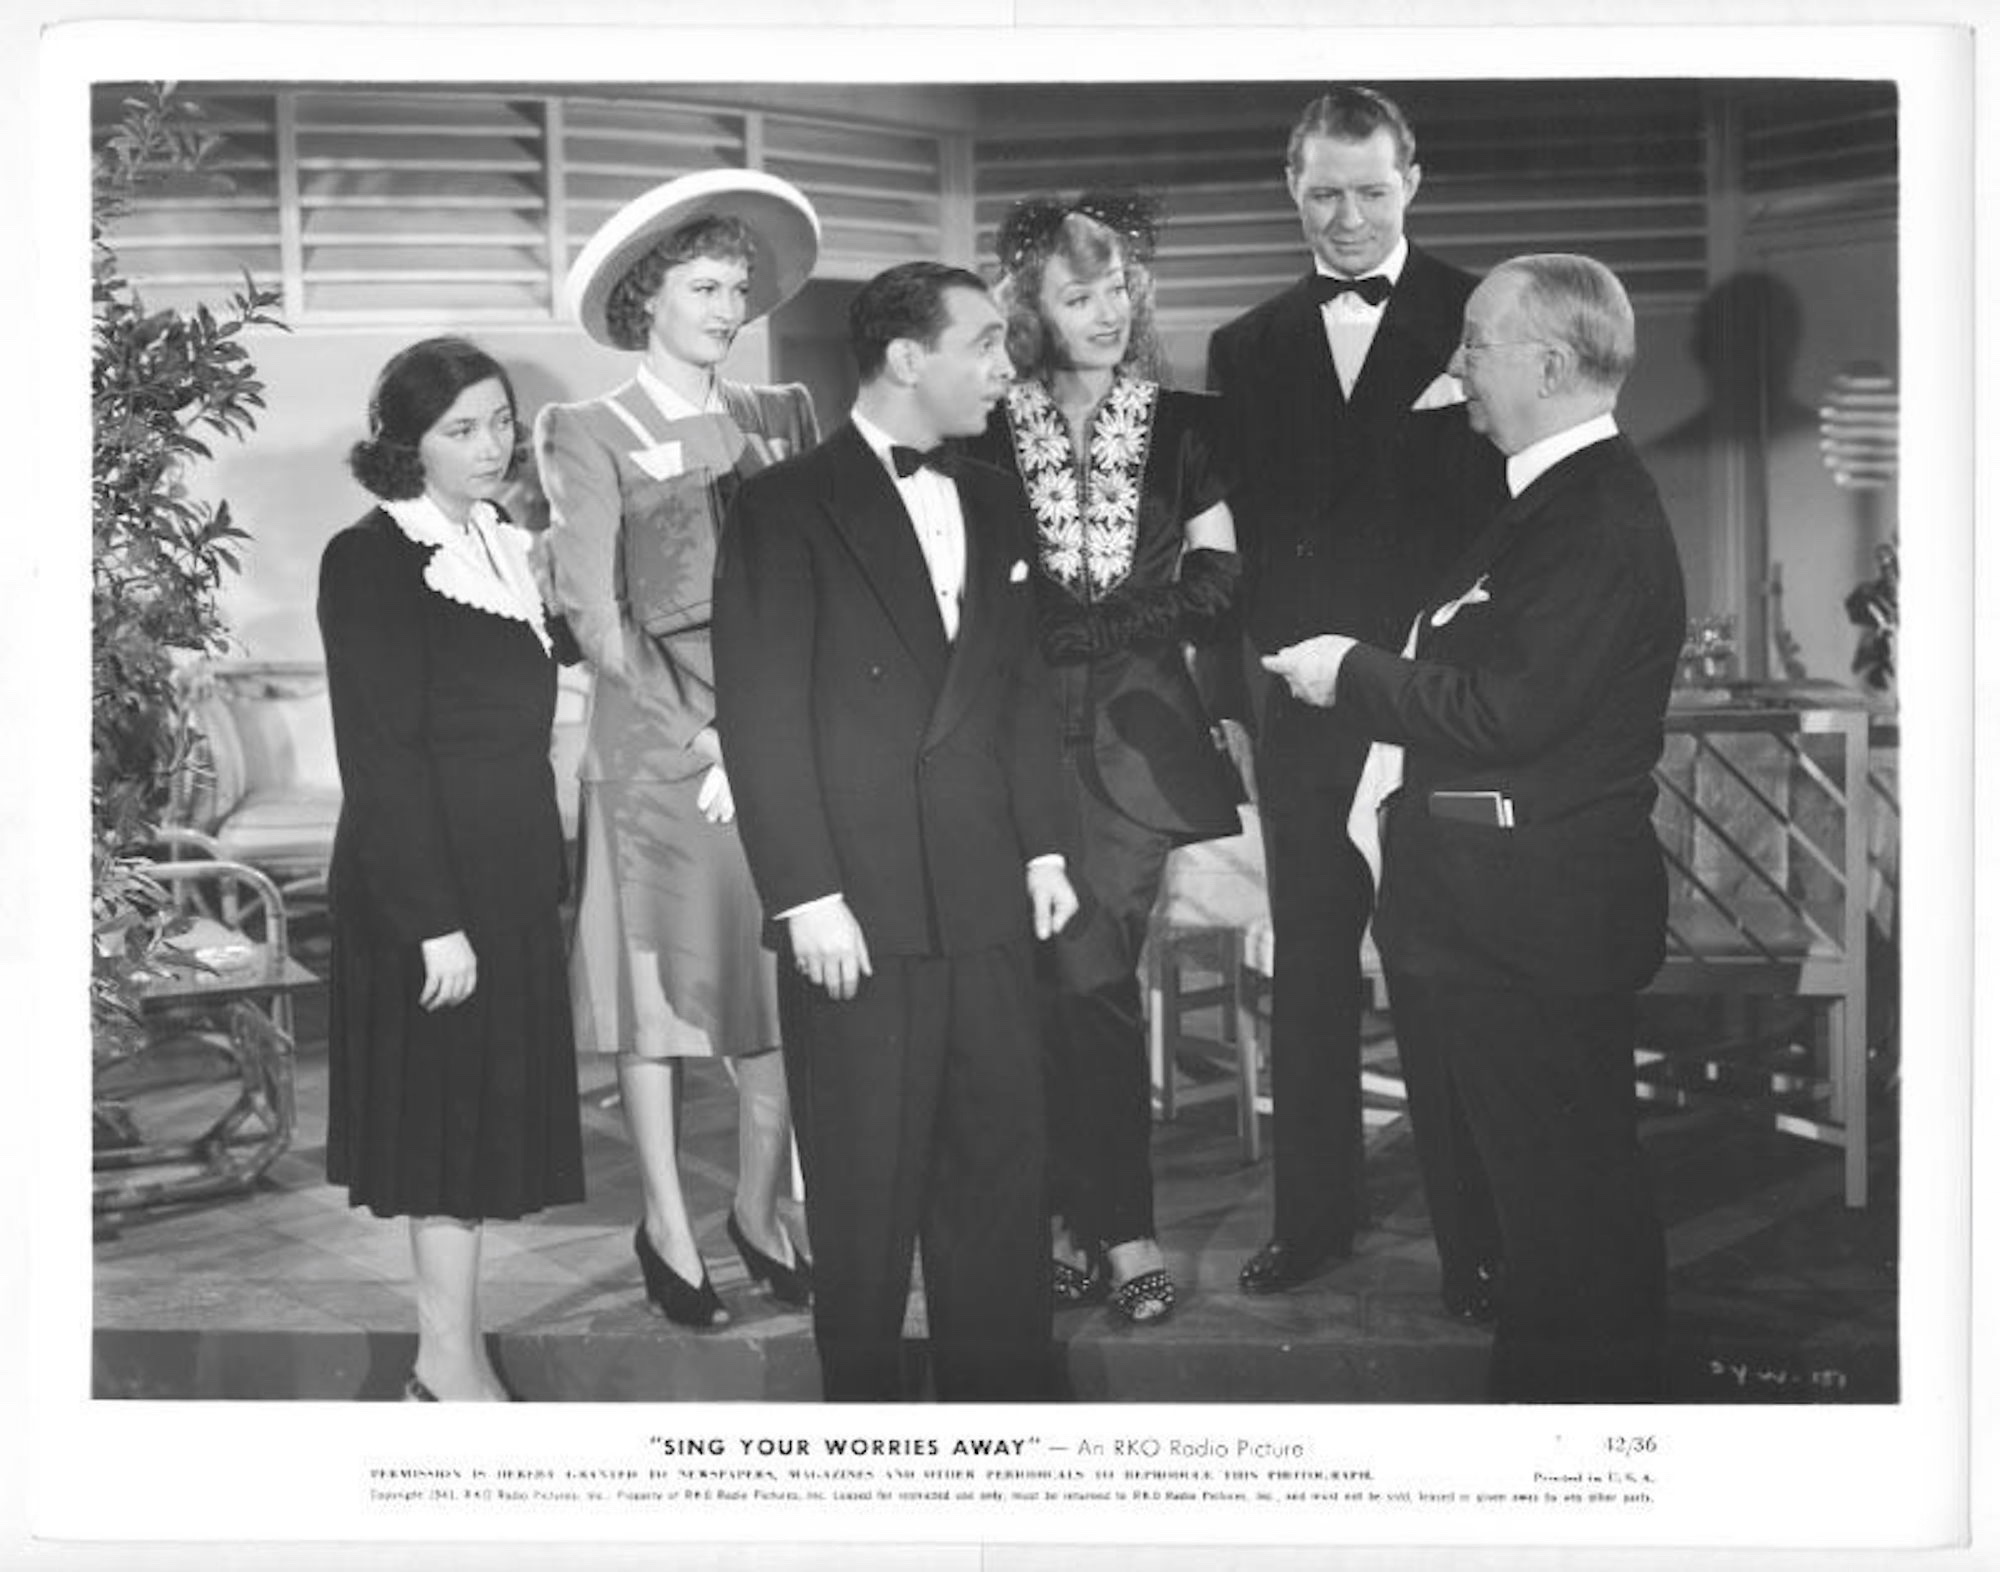 Harry C. Bradley, June Havoc, Patsy Kelly, Bert Lahr, Sam Levene, and Dorothy Lovett in Sing Your Worries Away (1942)